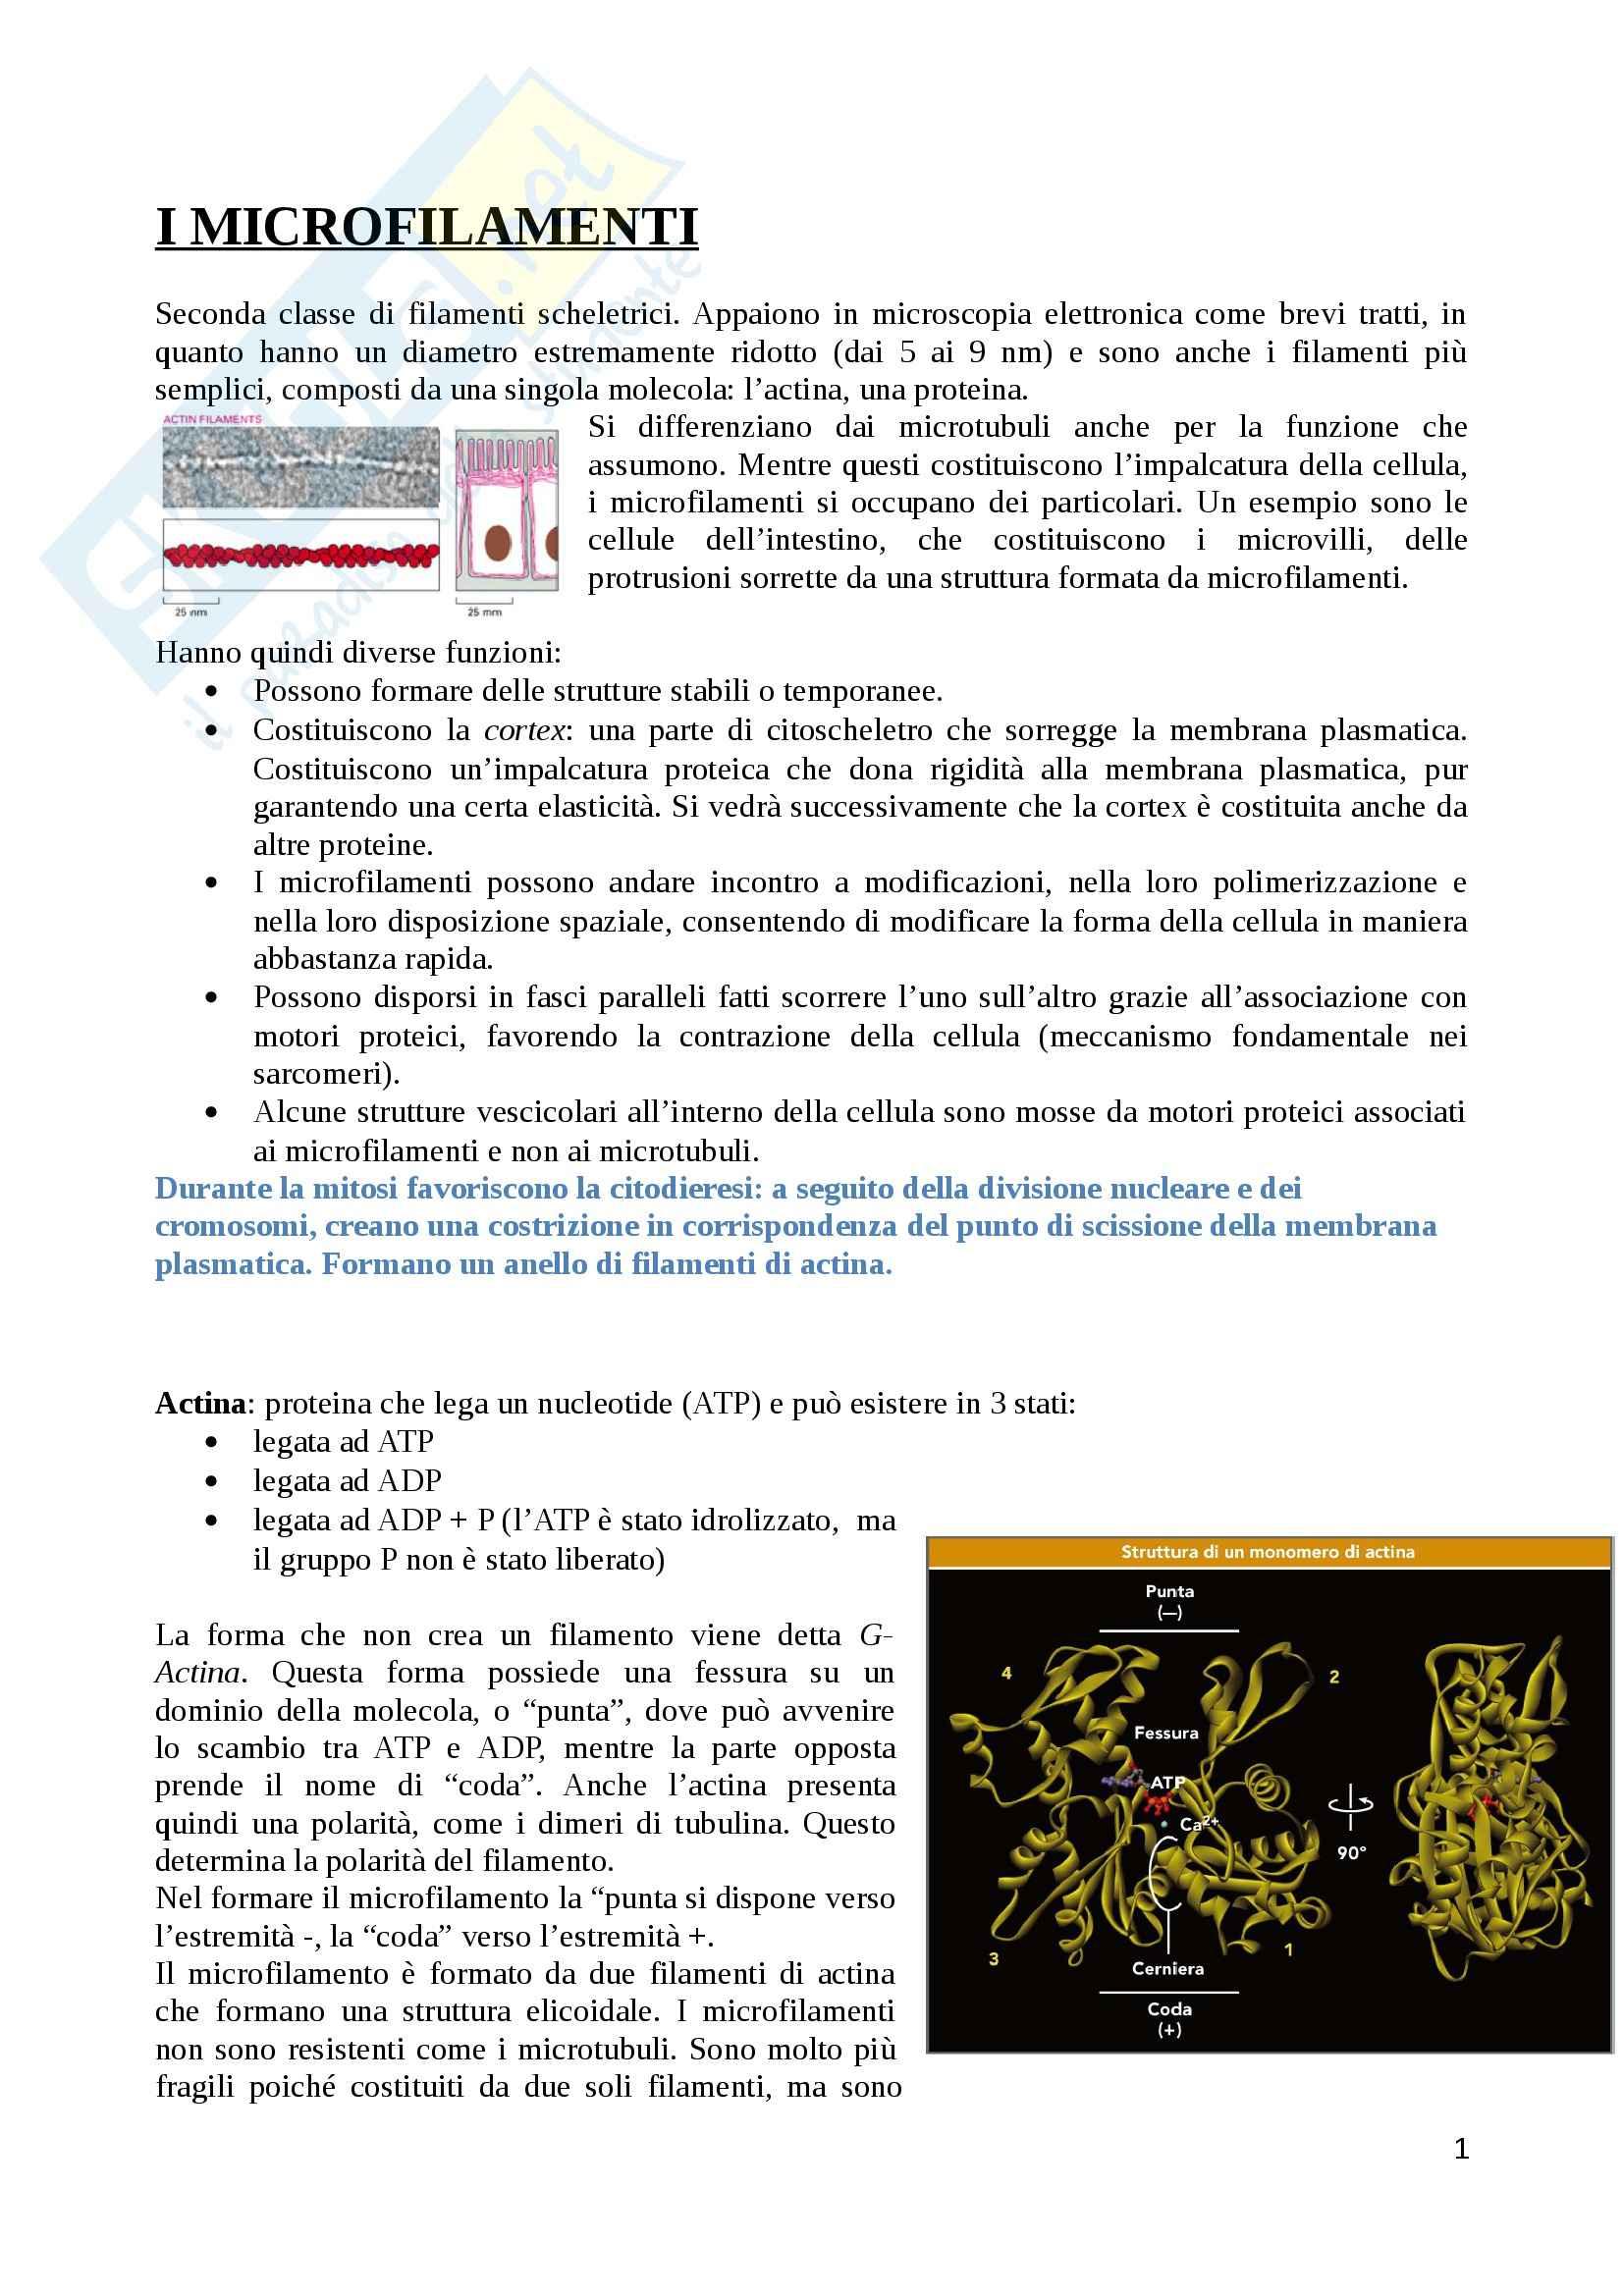 Citologia - microfilamenti e i filamenti intermedi